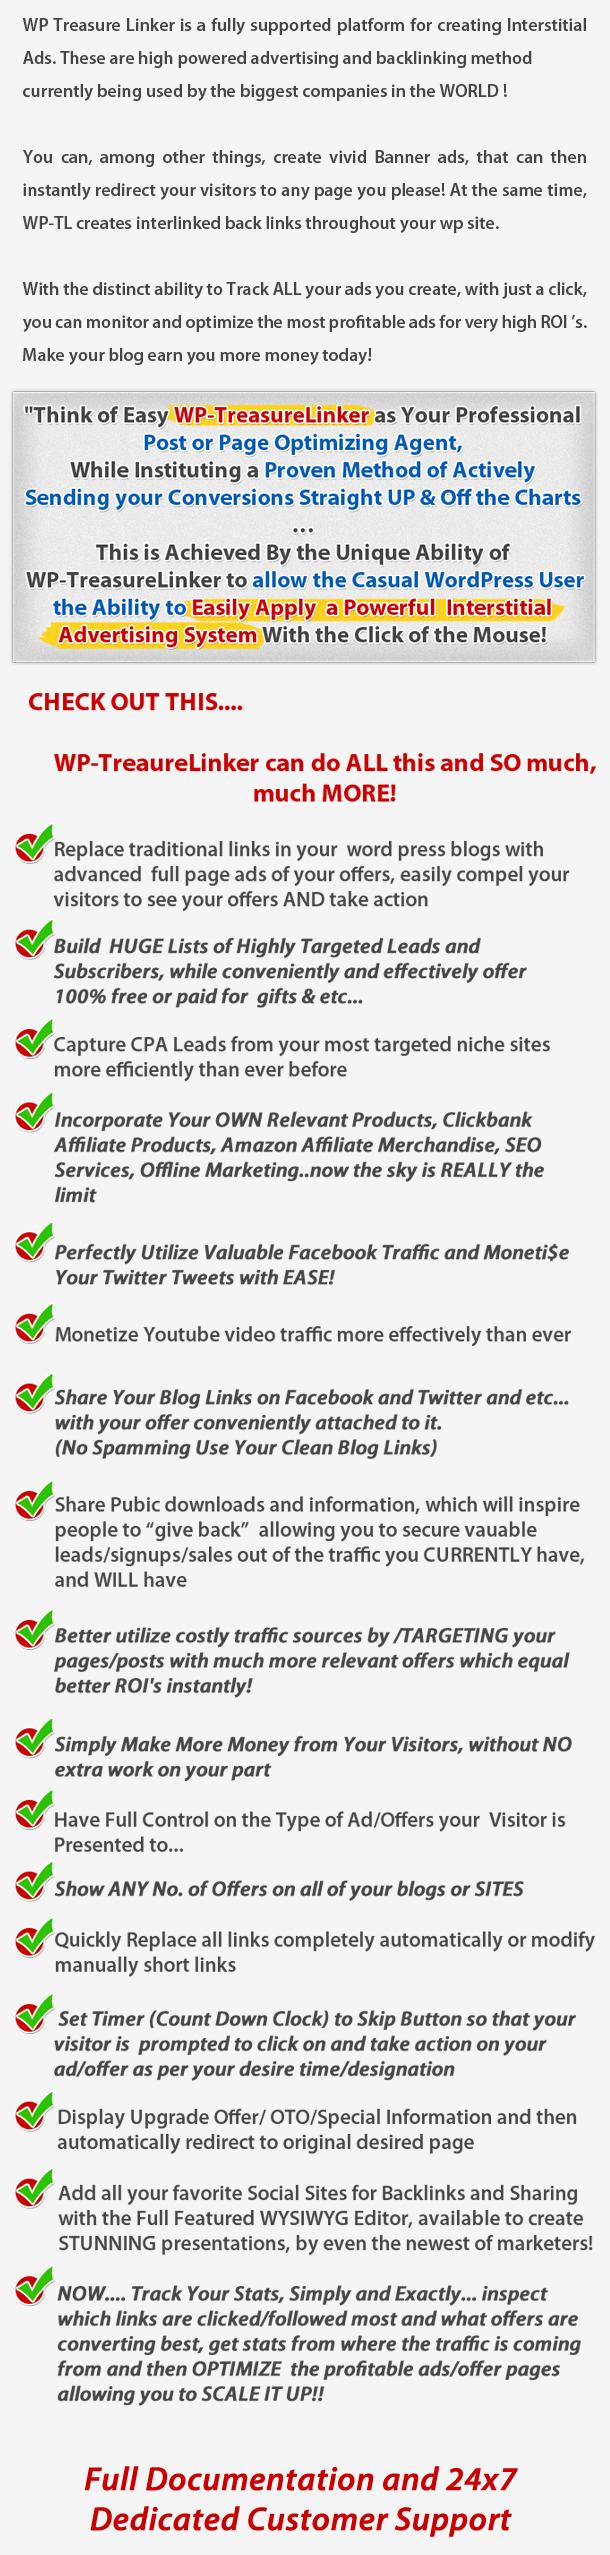 Treasure Linker hỗ trợ đầy đủ nền tảng để tạo quảng cáo kẽ. Đây là những quảng cáo công suất cao và phương pháp backlinking hiện đang được sử dụng các công ty lớn nhất thế giới! Bạn có thể, trong số những thứ khác, tạo ra các quảng cáo Banner sống động, mà sau đó có thể ngay lập tức chuyển hướng truy cập của bạn bất kỳ trang nào bạn vui lòng! Đồng thời, liên kết với nhau sẽ tạo các liên kết trở lại trong trang web của bạn. Với khả năng riêng biệt Theo dõi ALL quảng cáo của bạn, bạn tạo ra, chỉ với nhấp chuột, bạn có thể giám sát và tối ưu hóa các quảng cáo hiệu quả nhất cho ROI rất cao cho blog của bạn kiếm được nhiều tiền hơn bạn ngày hôm nay! Easy Professional của bạn bài viết Tối ưu hóa chất độc Page, Khi thành lập đã được chứng minh phương pháp chủ động gửi chuyển đổi của bạn Straight Tắt Charts. Điều này đã đạt được những khả năng độc đáo cho phép